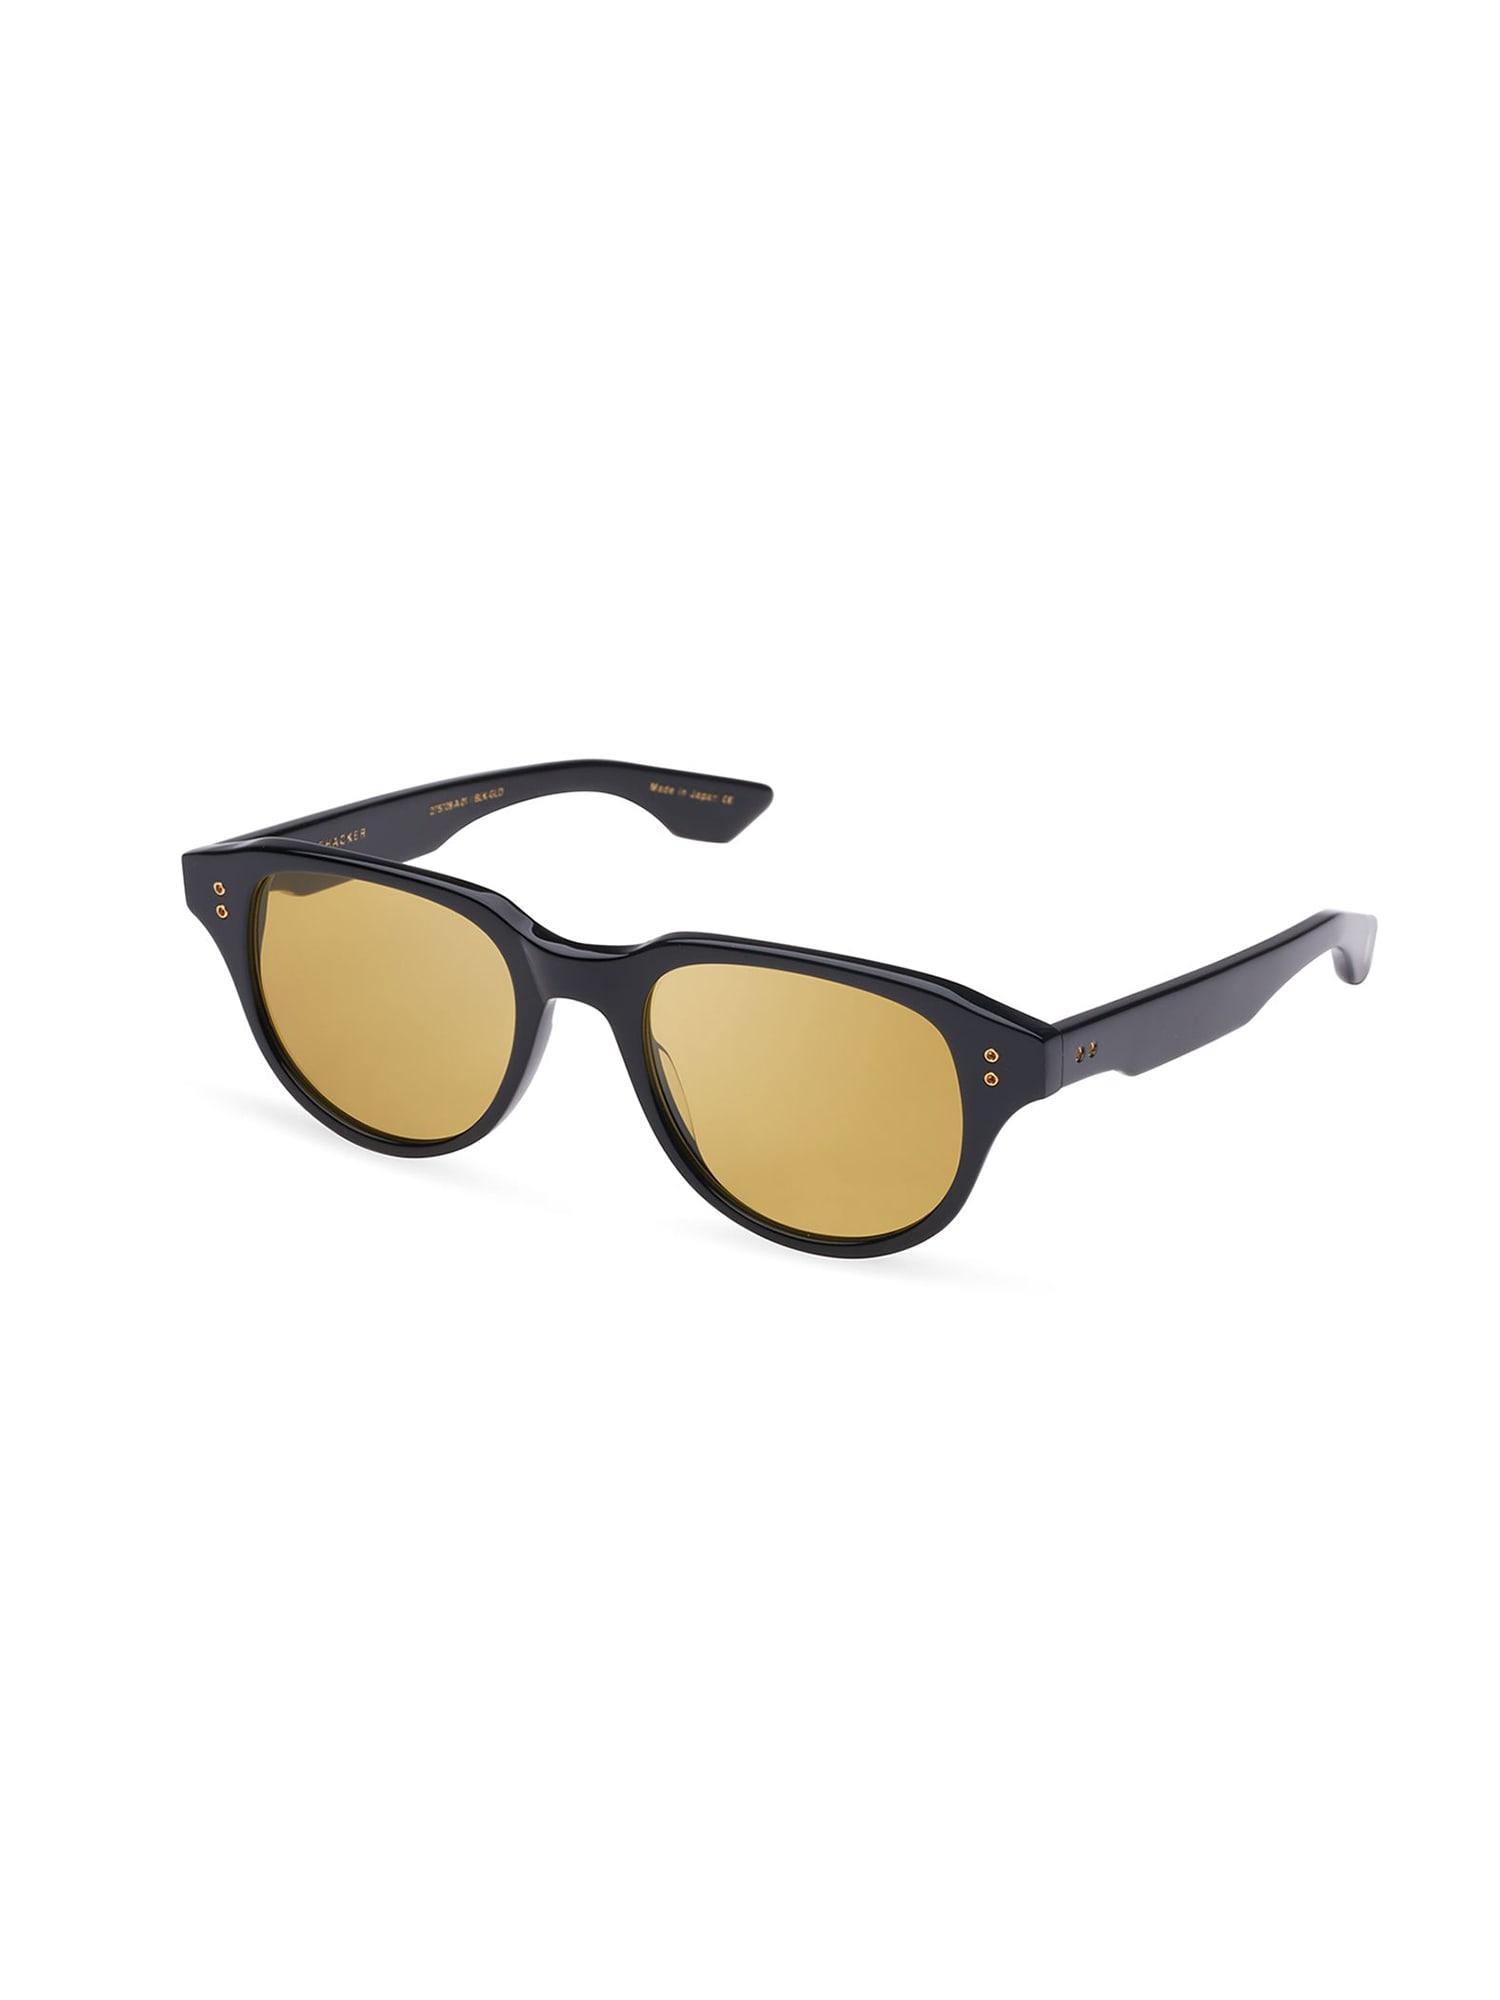 DTS708/A/01/A TELEHACKER Sunglasses